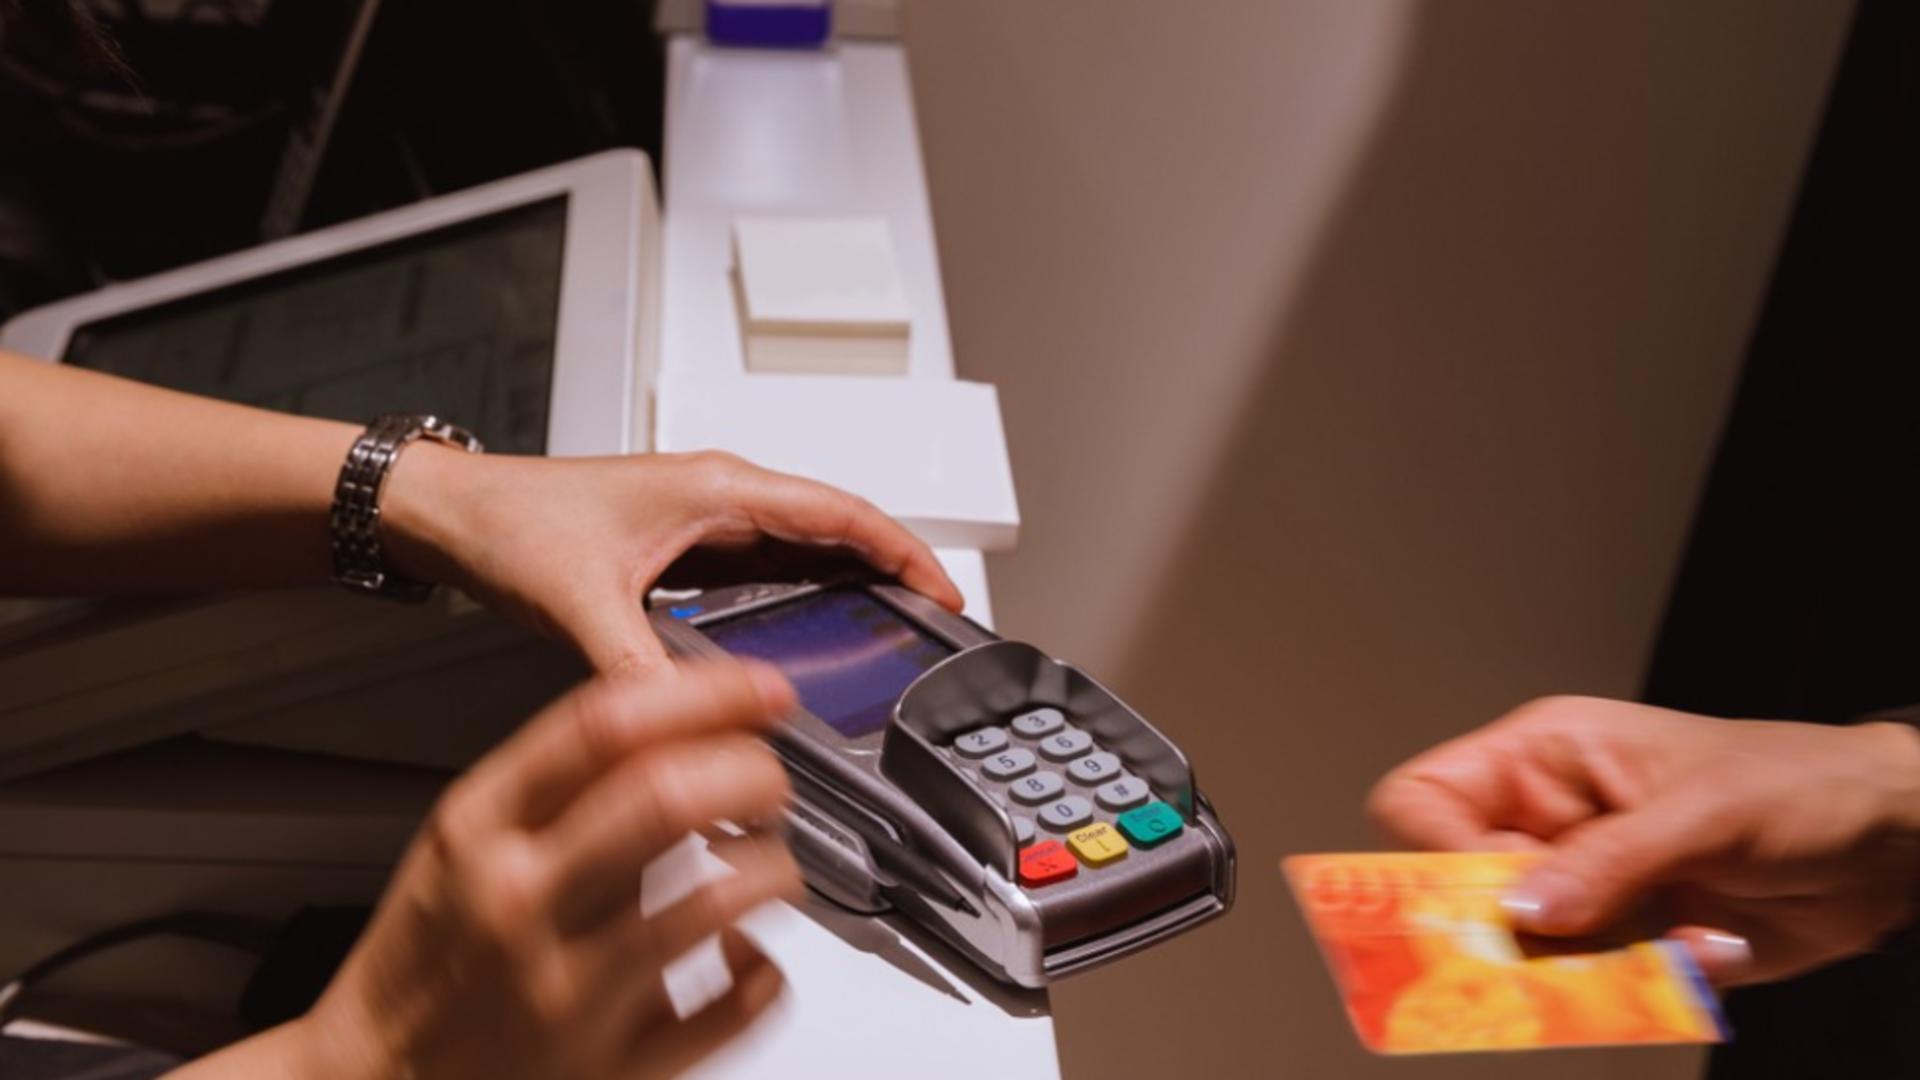 Numărul de carduri bancare din România se apropie de cel al populației. Foto arhivă